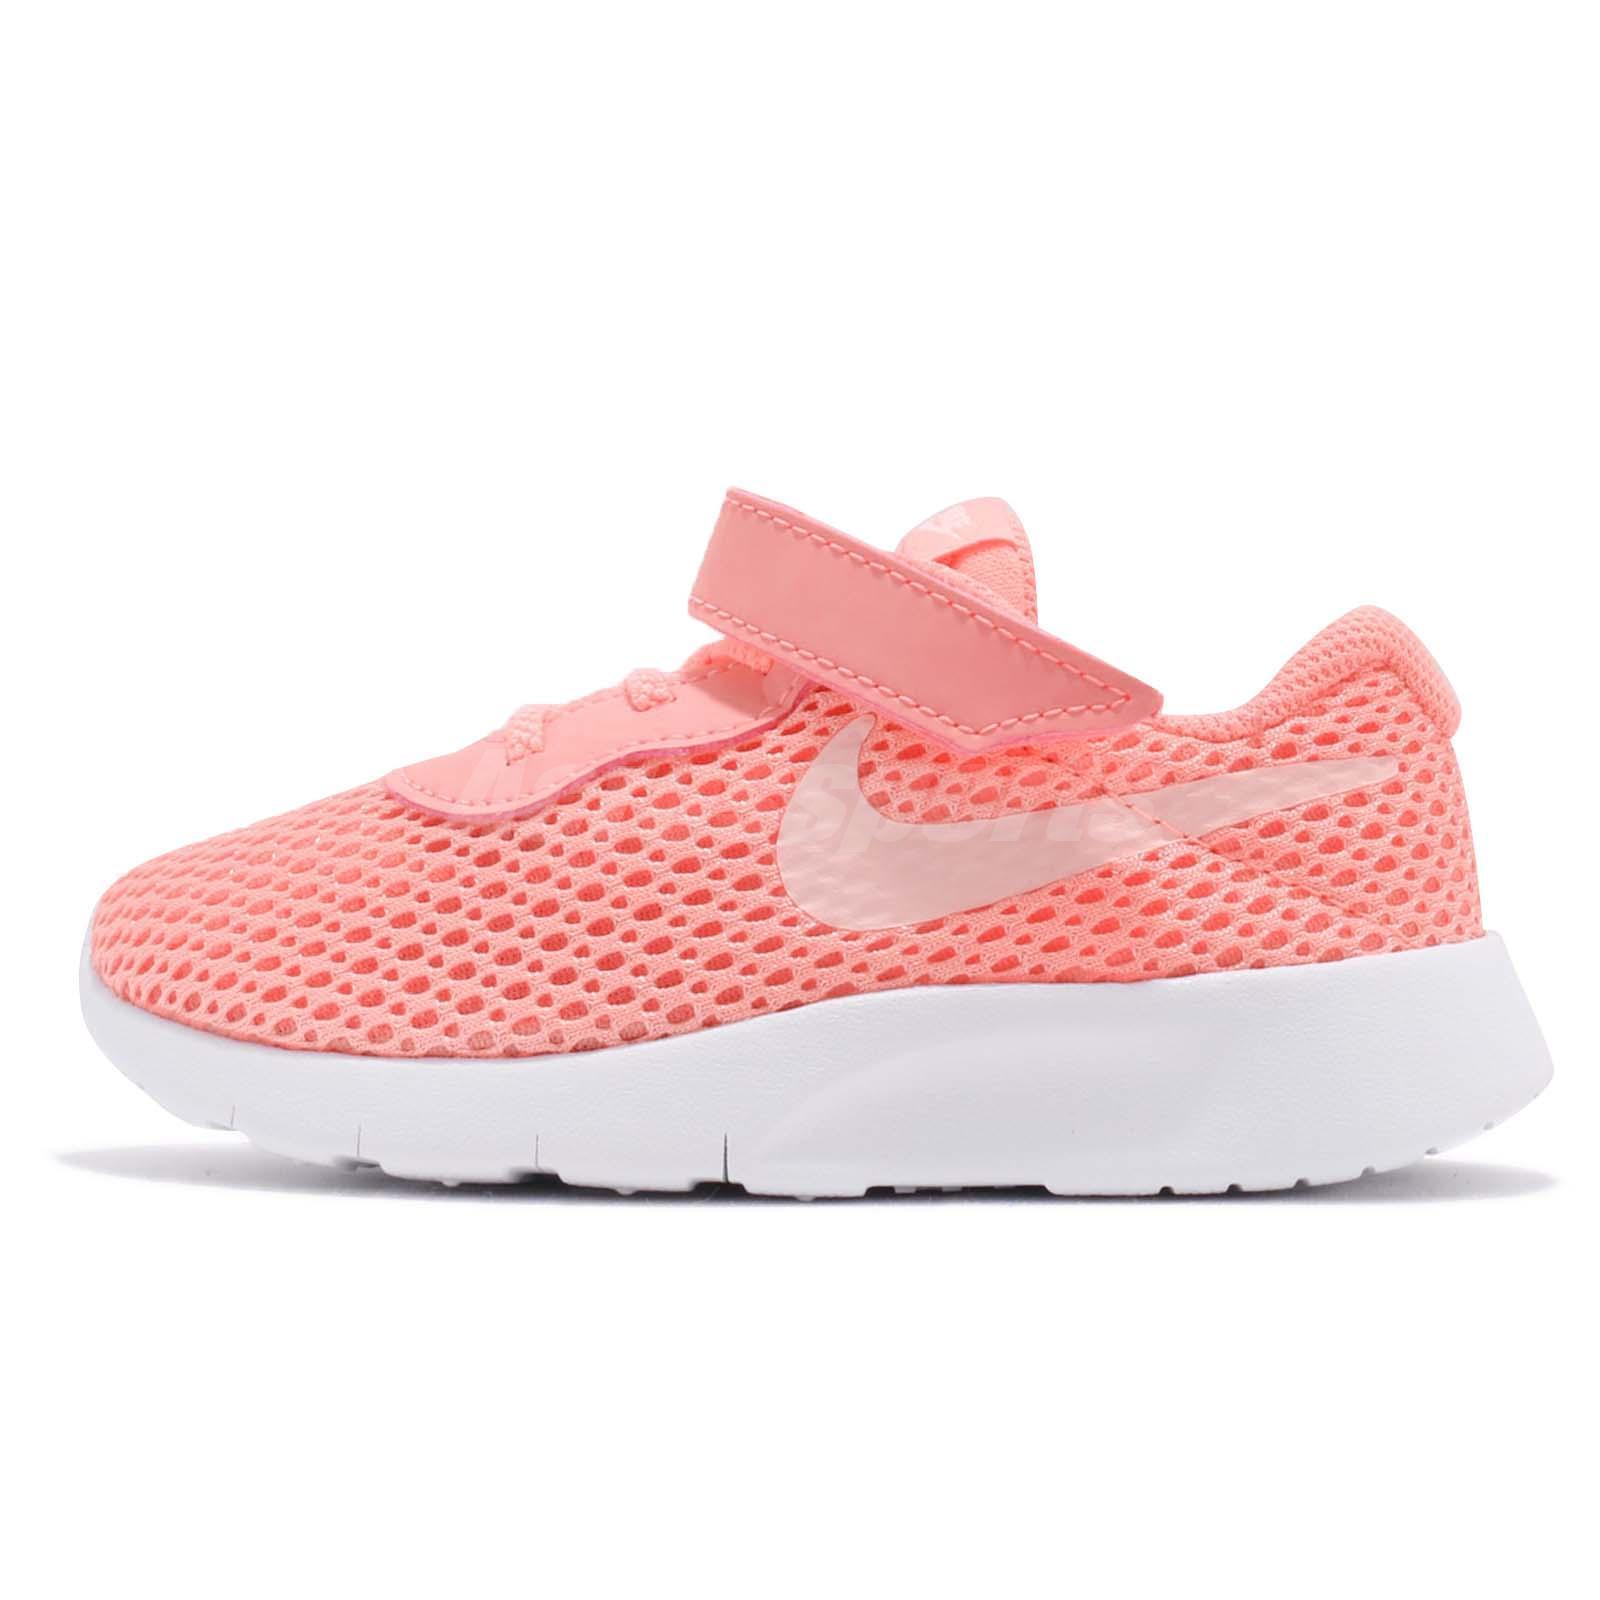 Nike Tanjun TDV Light Atomic Pink Toddler Infant Running Shoes 818386-602